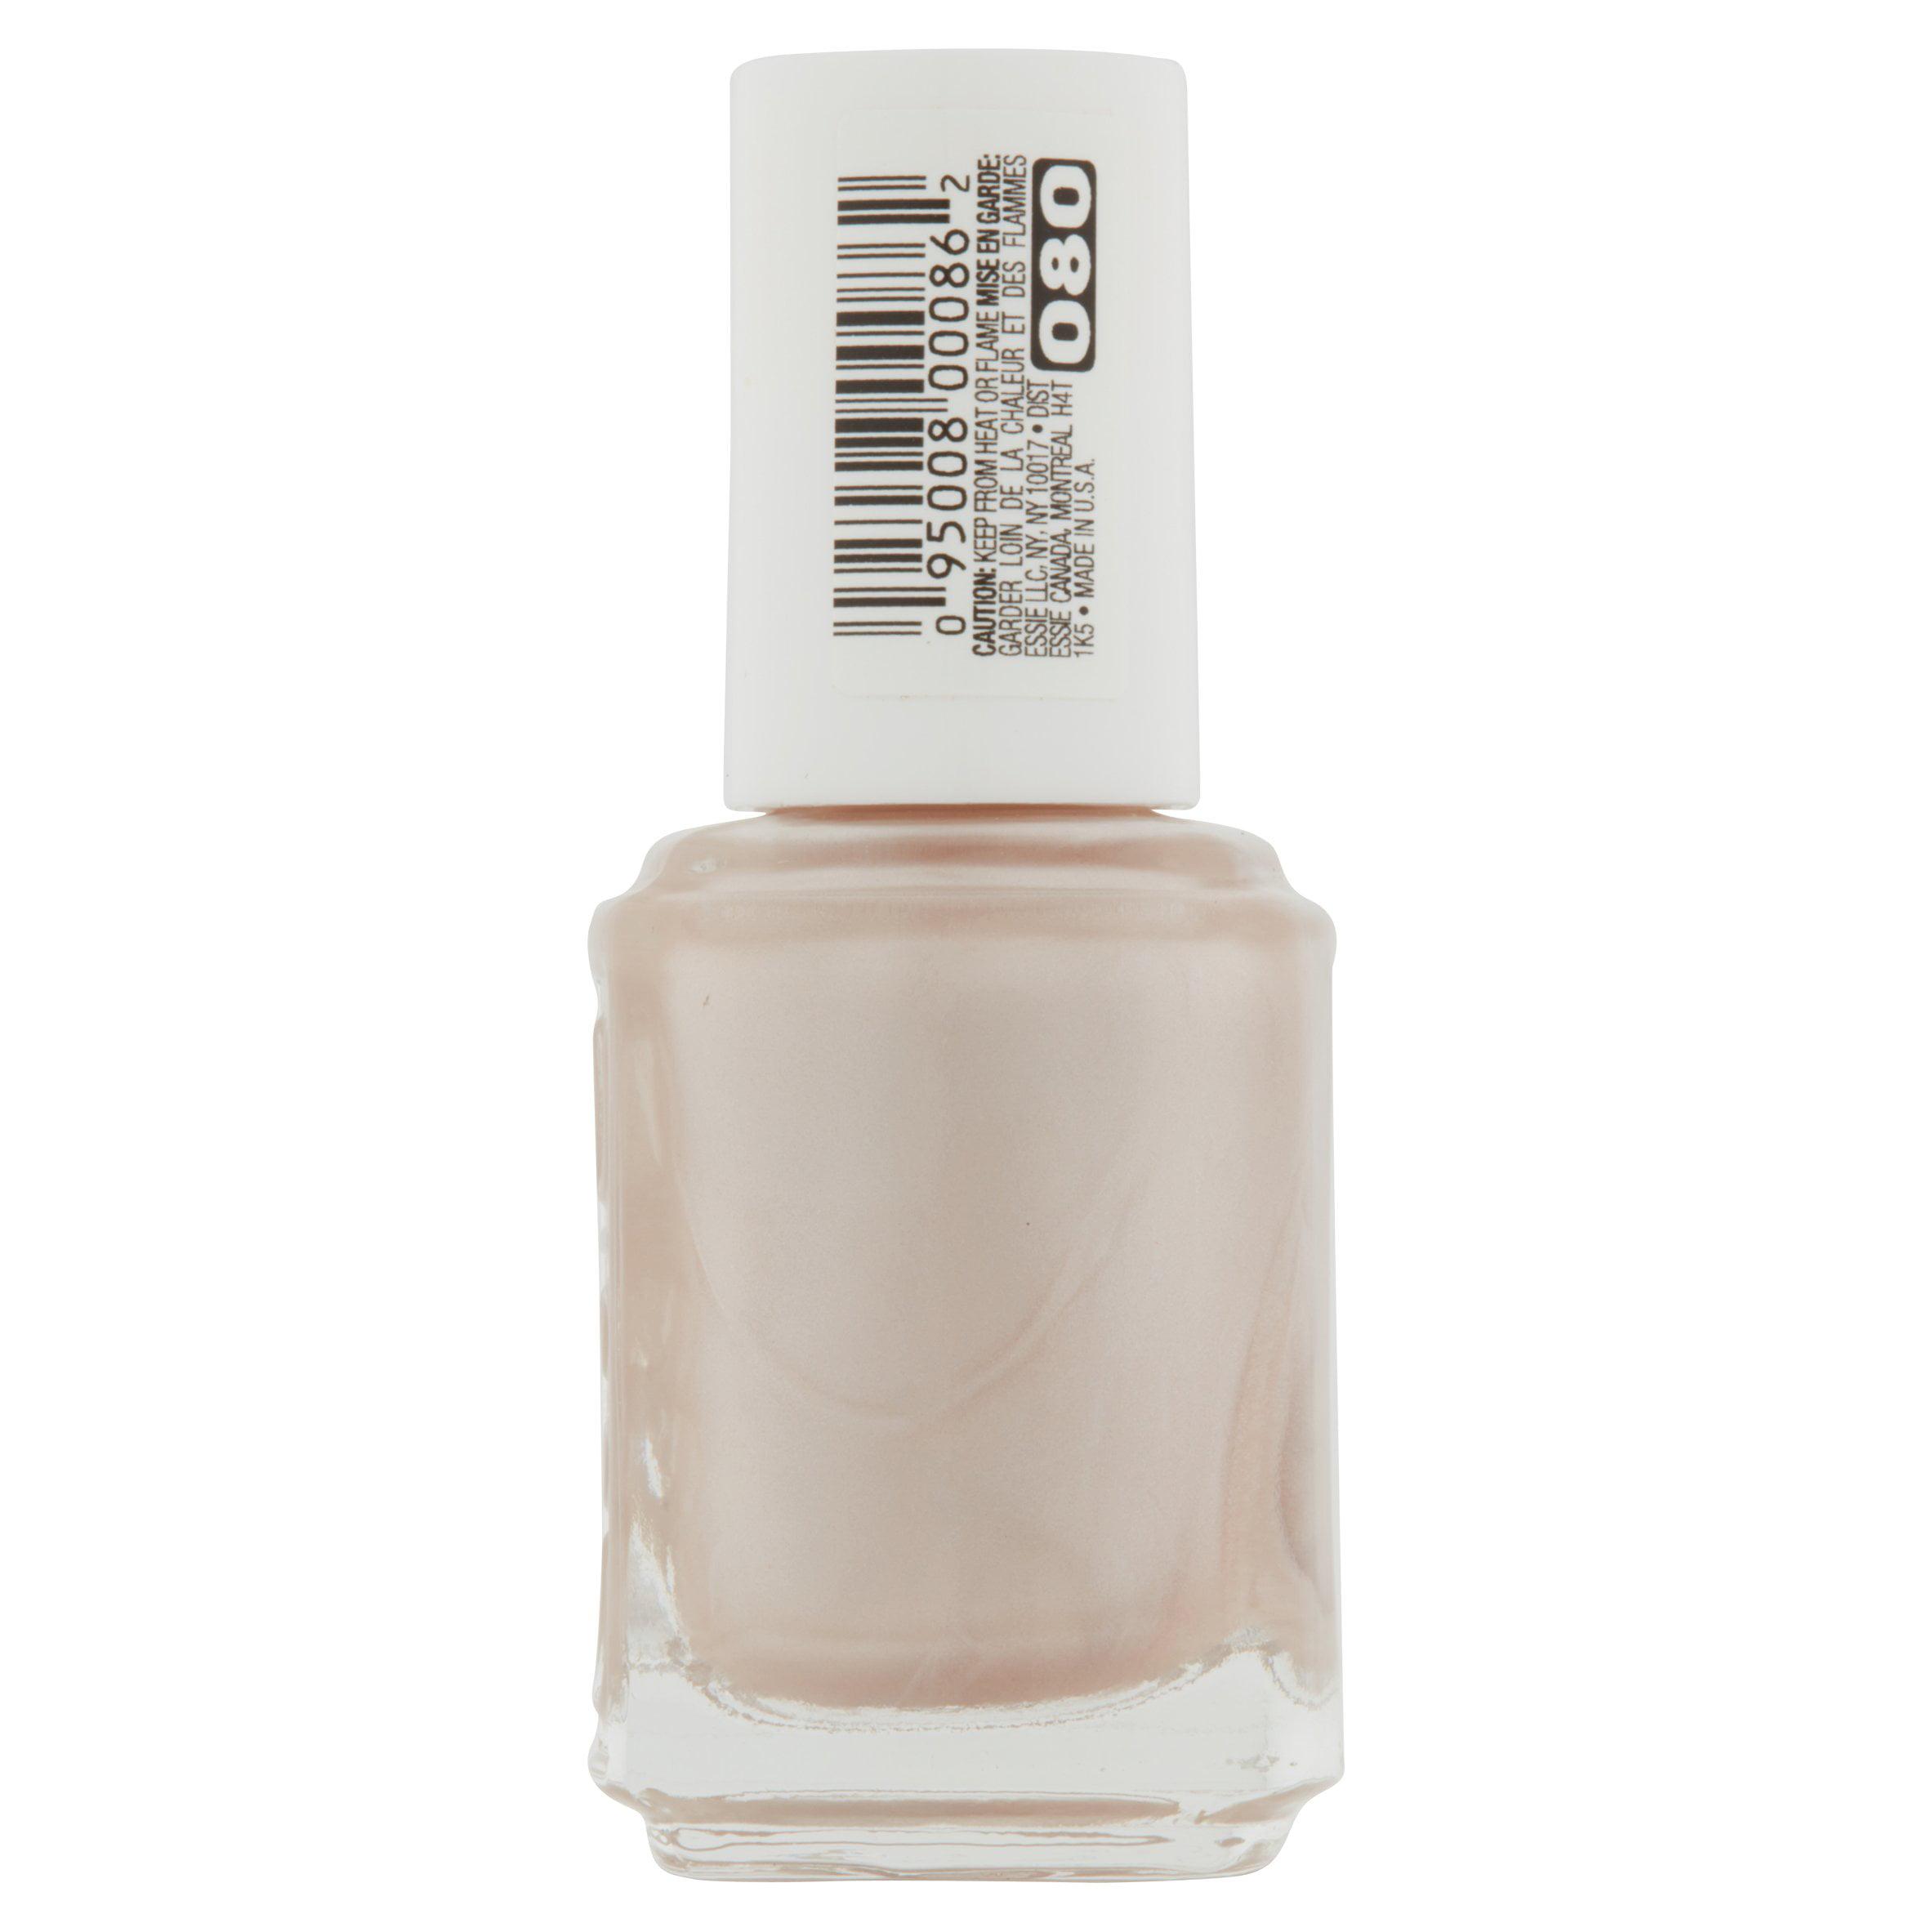 essie Nail Polish (Sheers), Ballet Slippers, 0.46 fl oz - Walmart.com